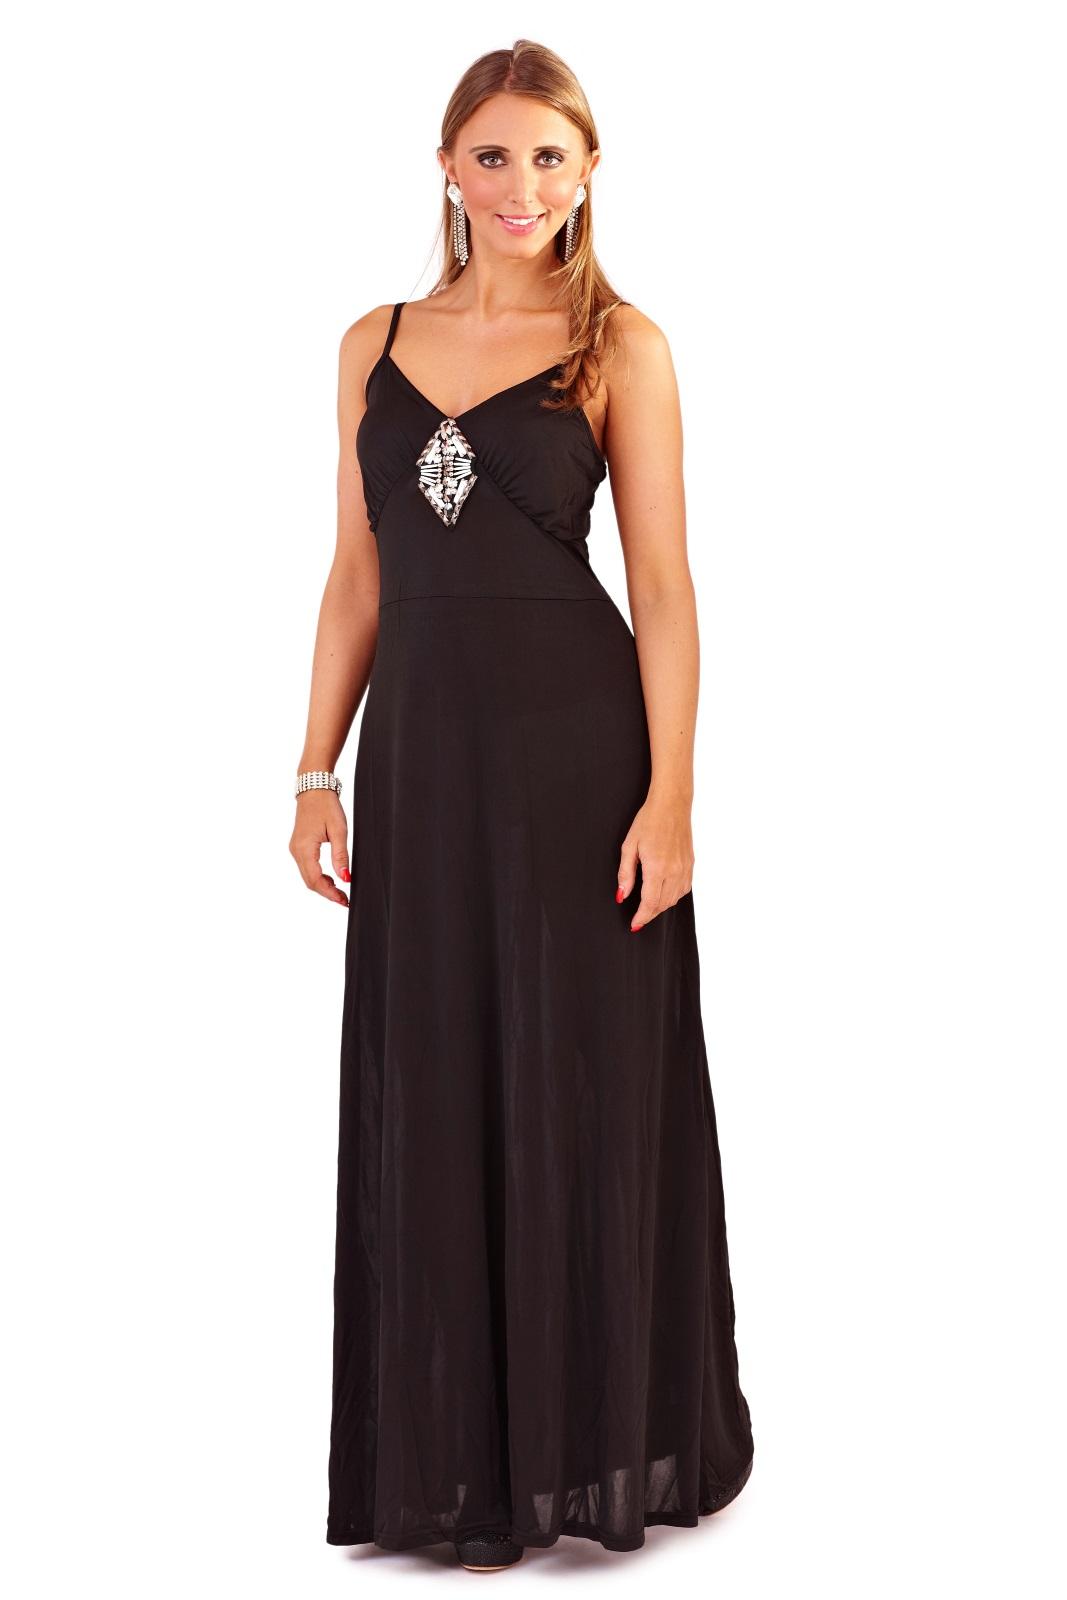 Womens Maxi Dress Full Length Summer Party Evening Dress